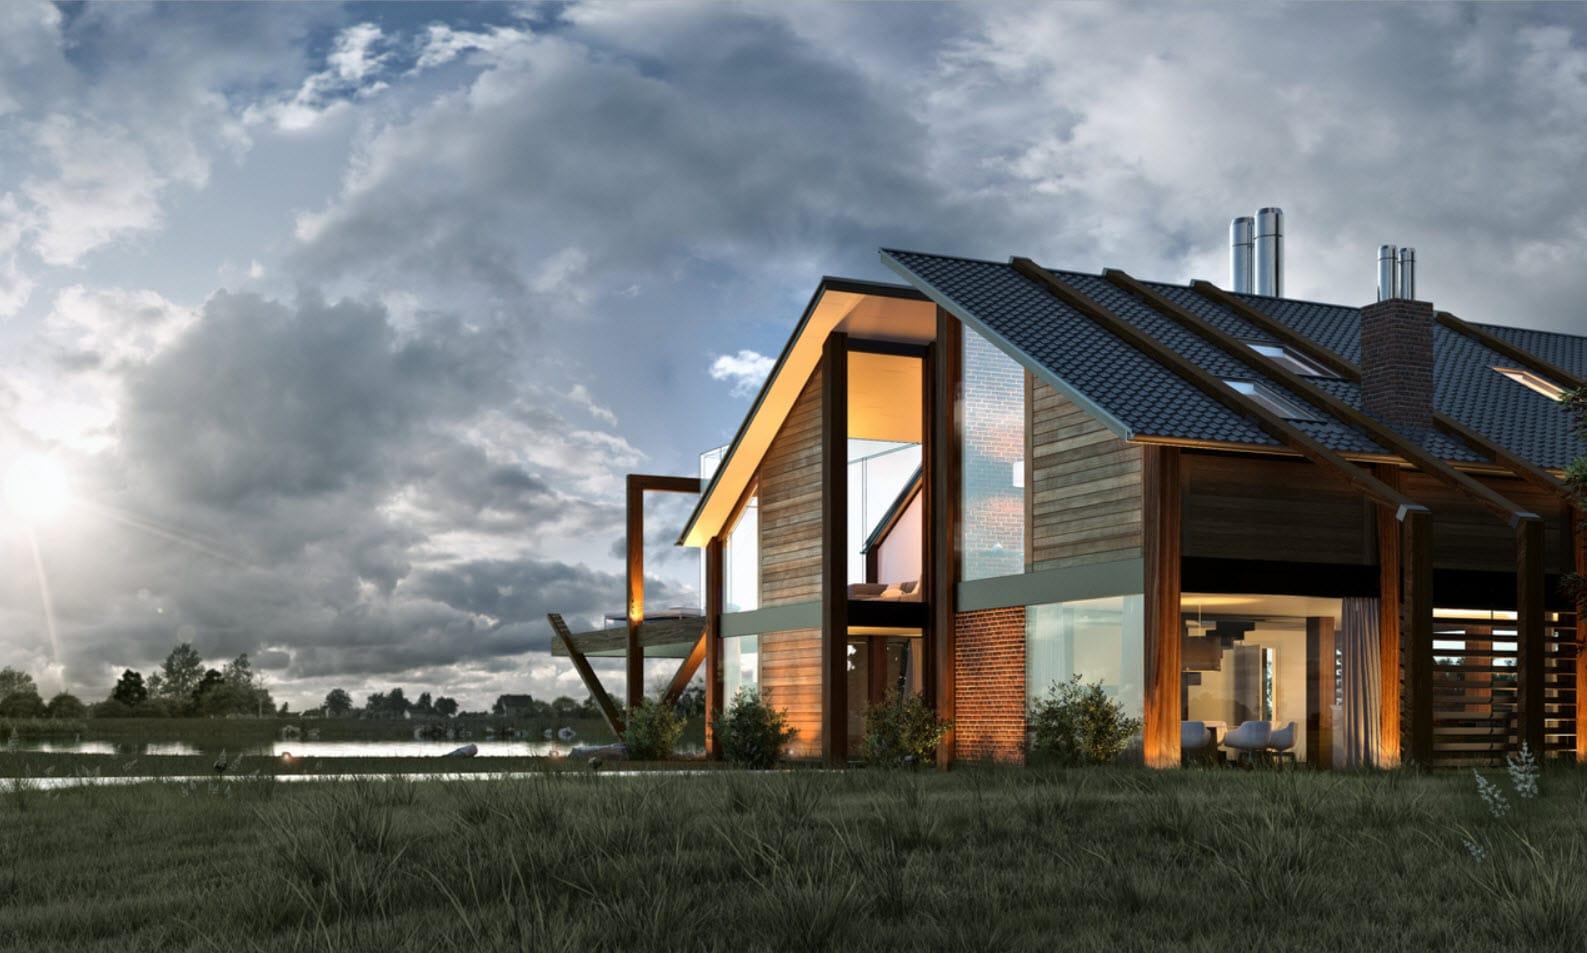 Dise o de casa de madera moderna hermosa fachada - Casas de madera prefabricadas modernas ...